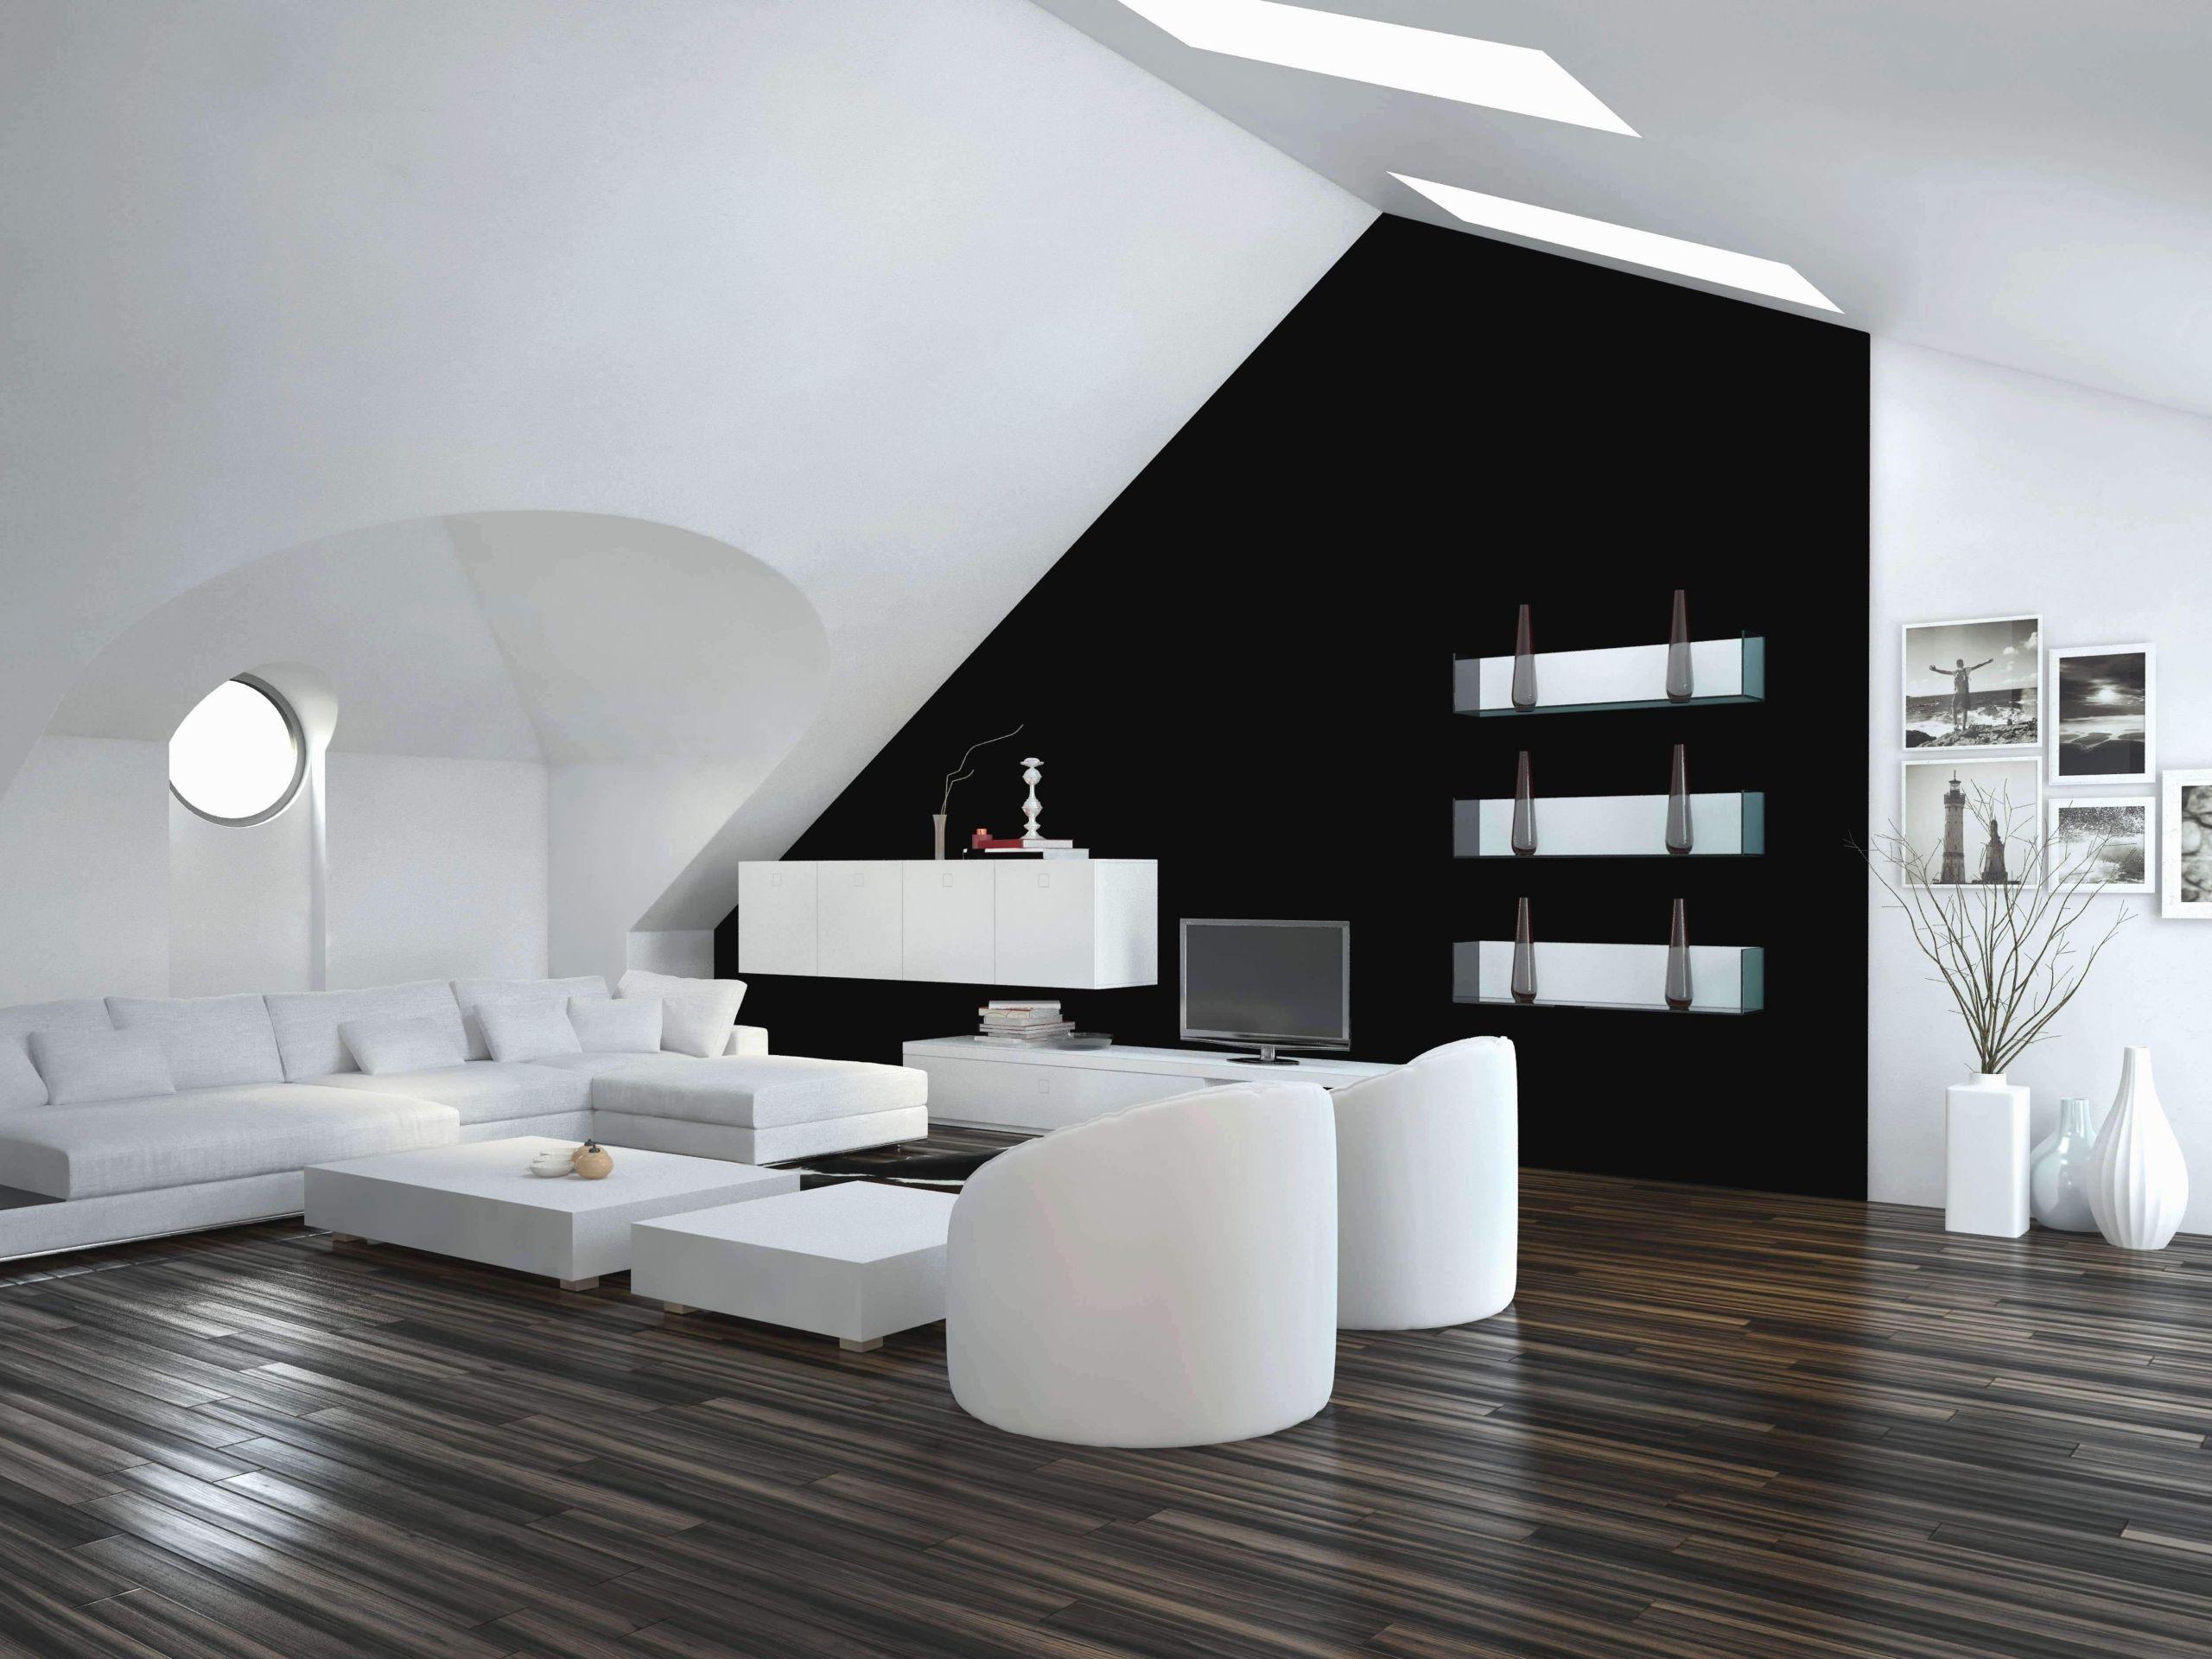 Balkon Deko Selber Machen Luxus 32 Das Beste Von Deko Wohnzimmer Selber Machen Reizend